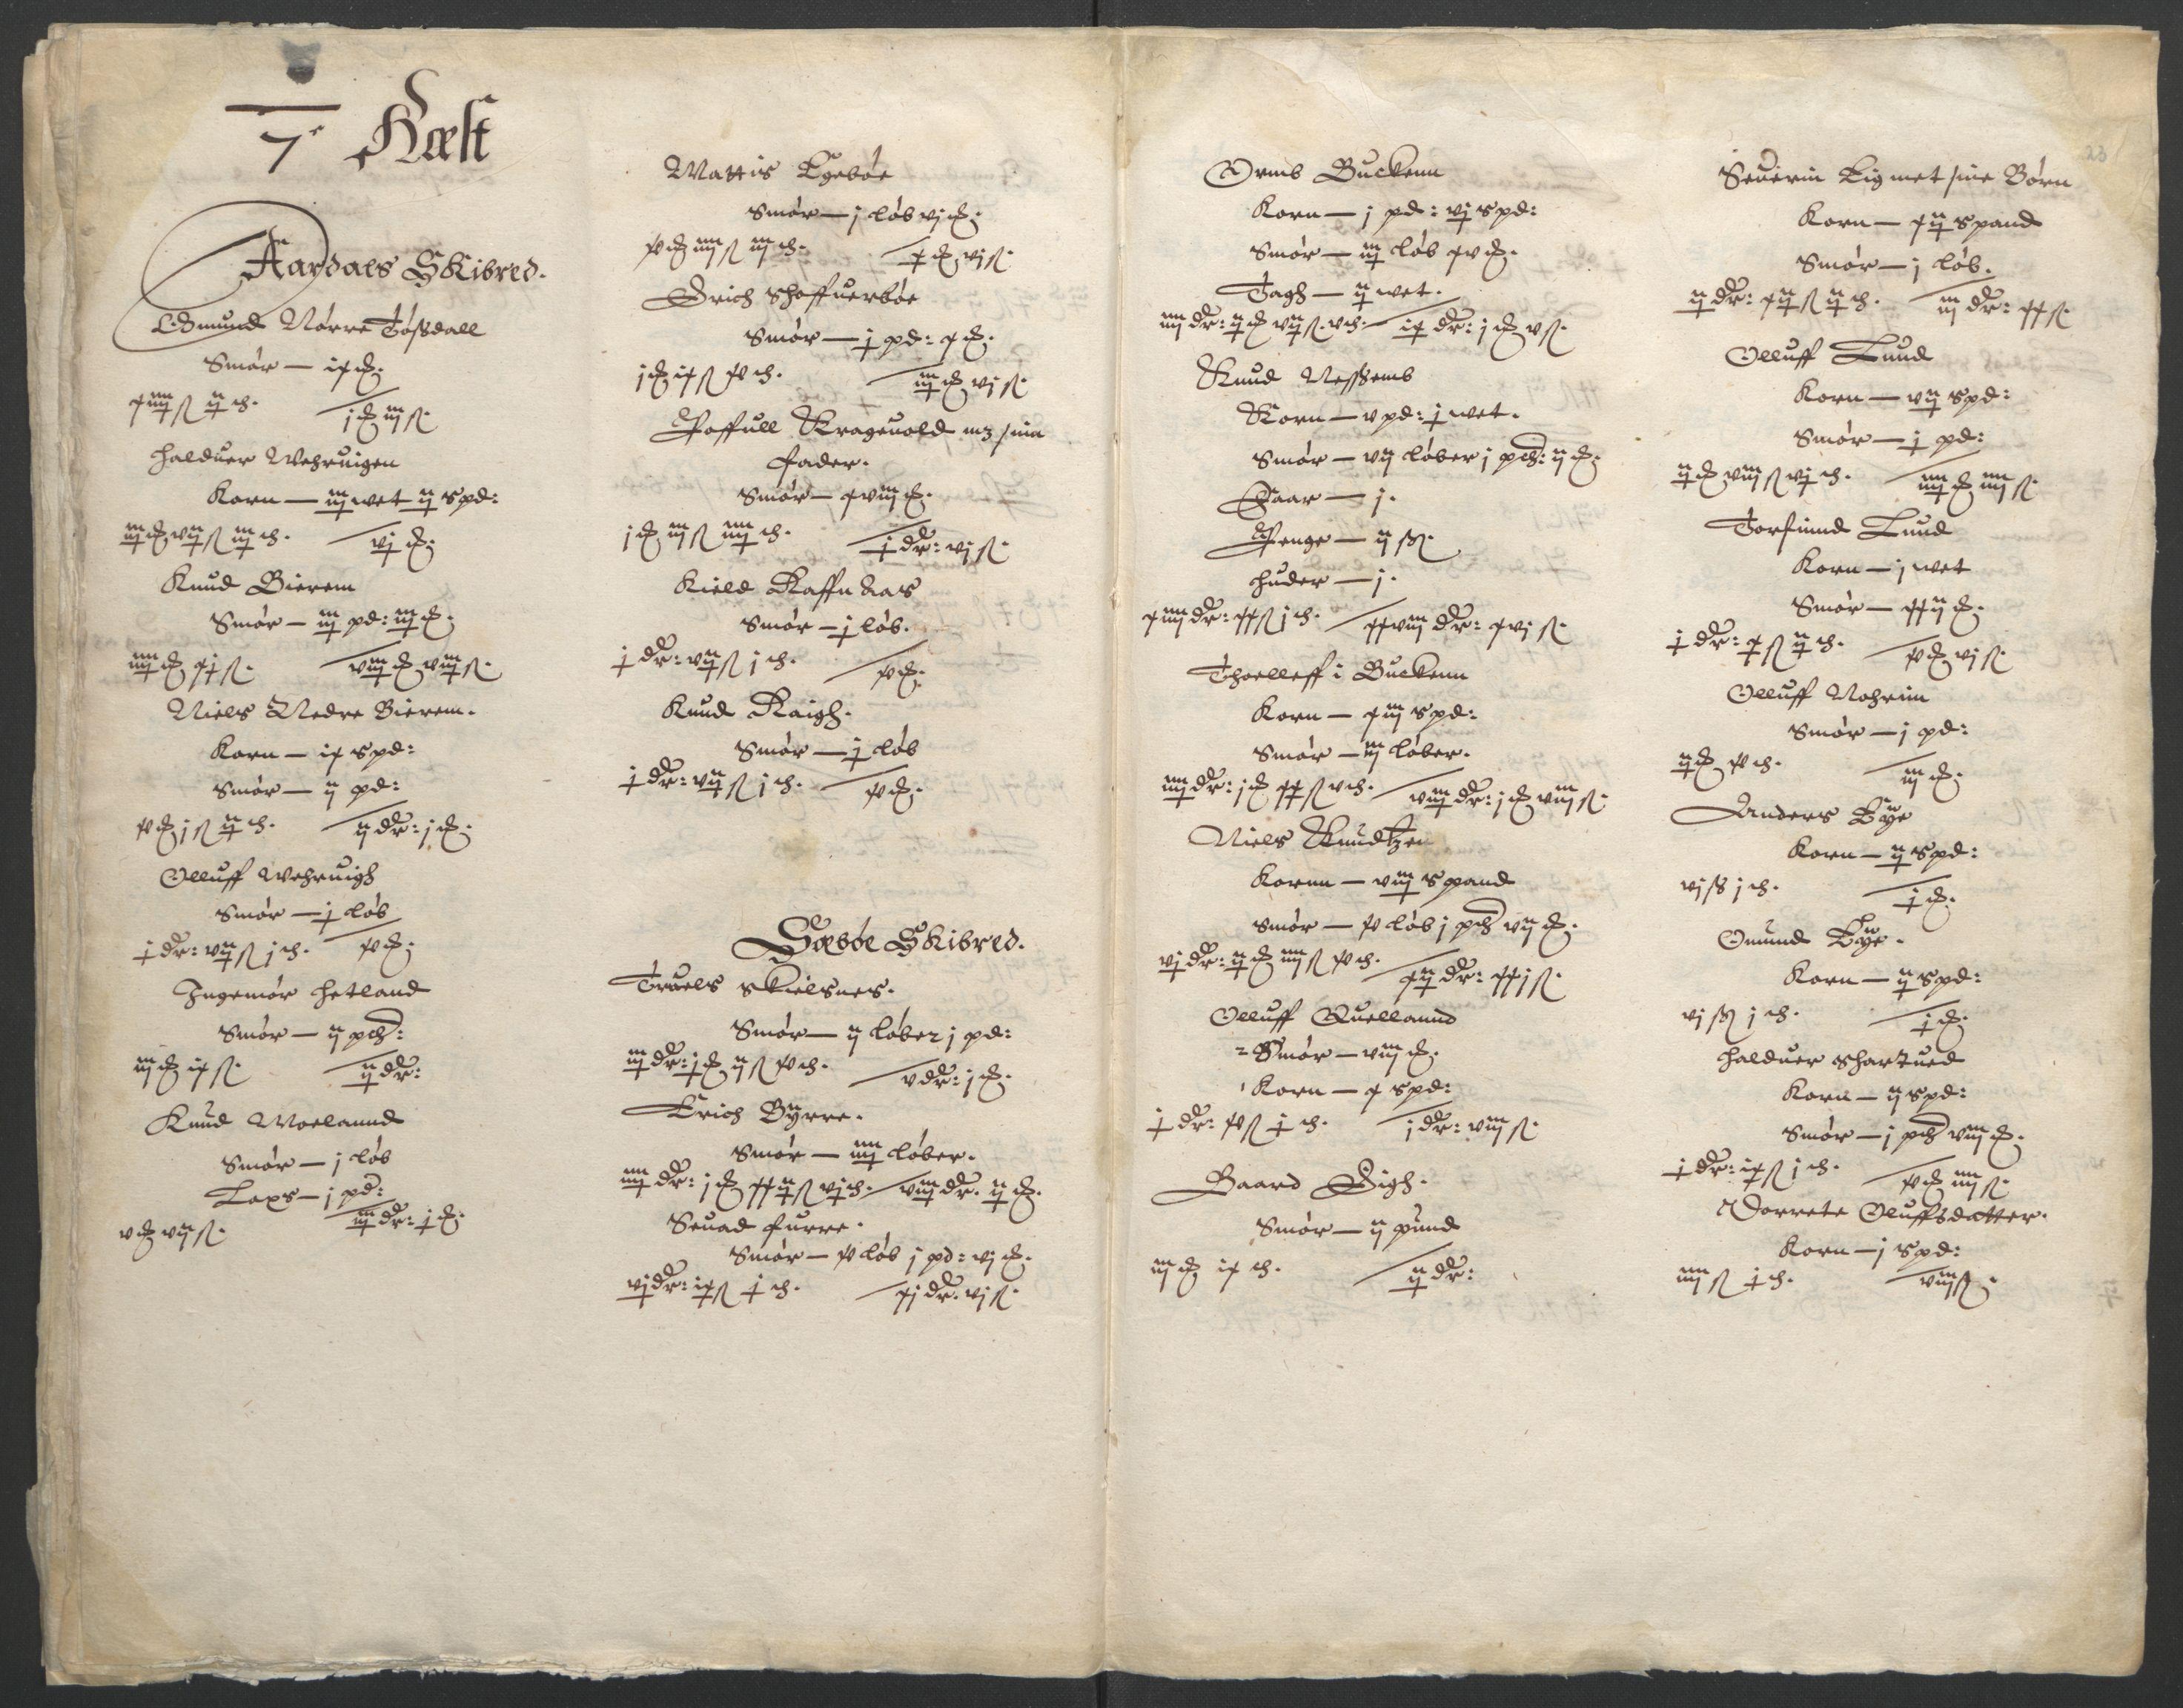 RA, Stattholderembetet 1572-1771, Ek/L0010: Jordebøker til utlikning av rosstjeneste 1624-1626:, 1624-1626, s. 88